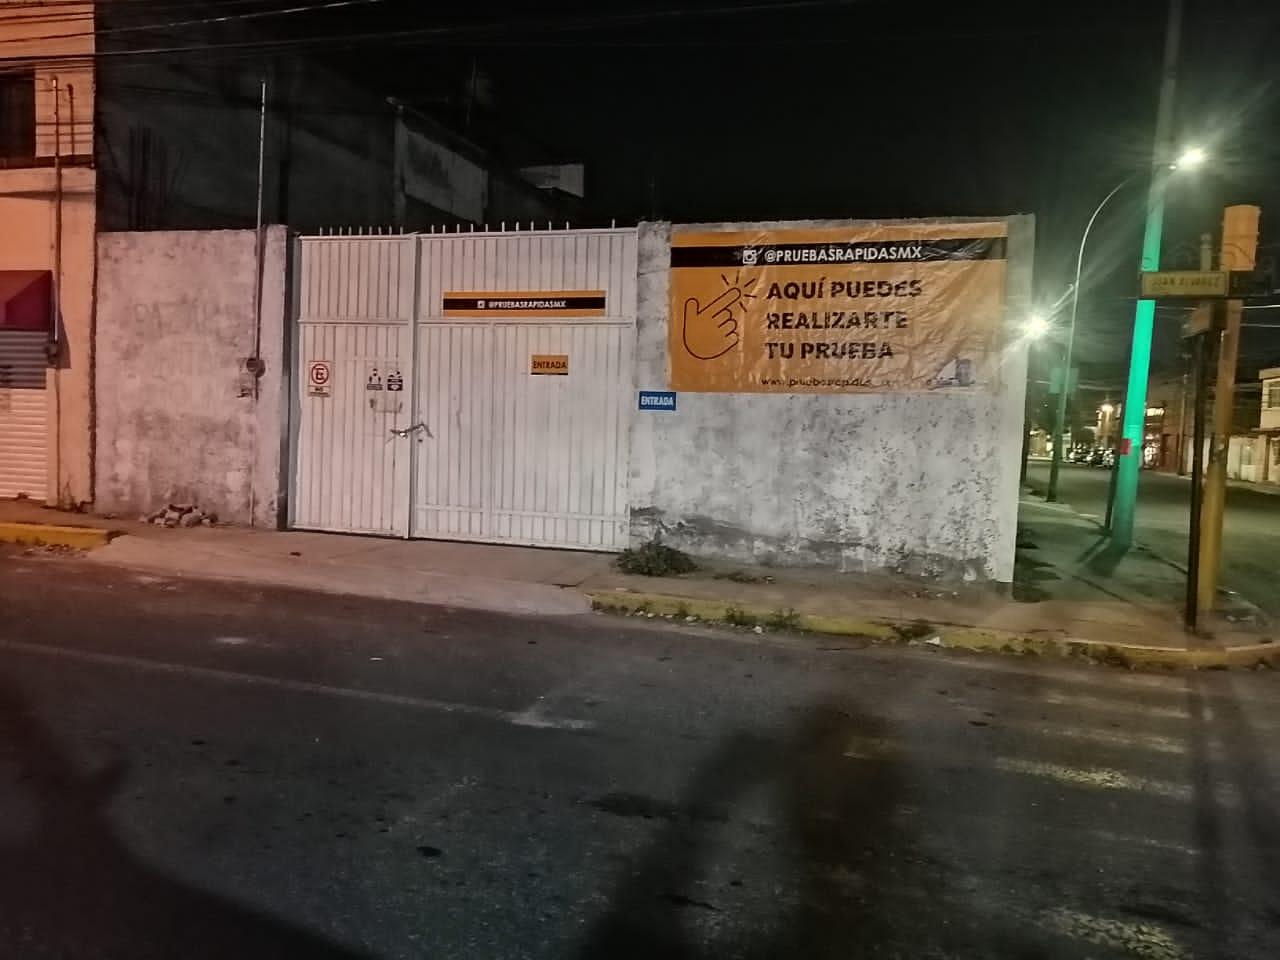 Módulo de pruebas Covid causa molestia en vecinos de Toluca